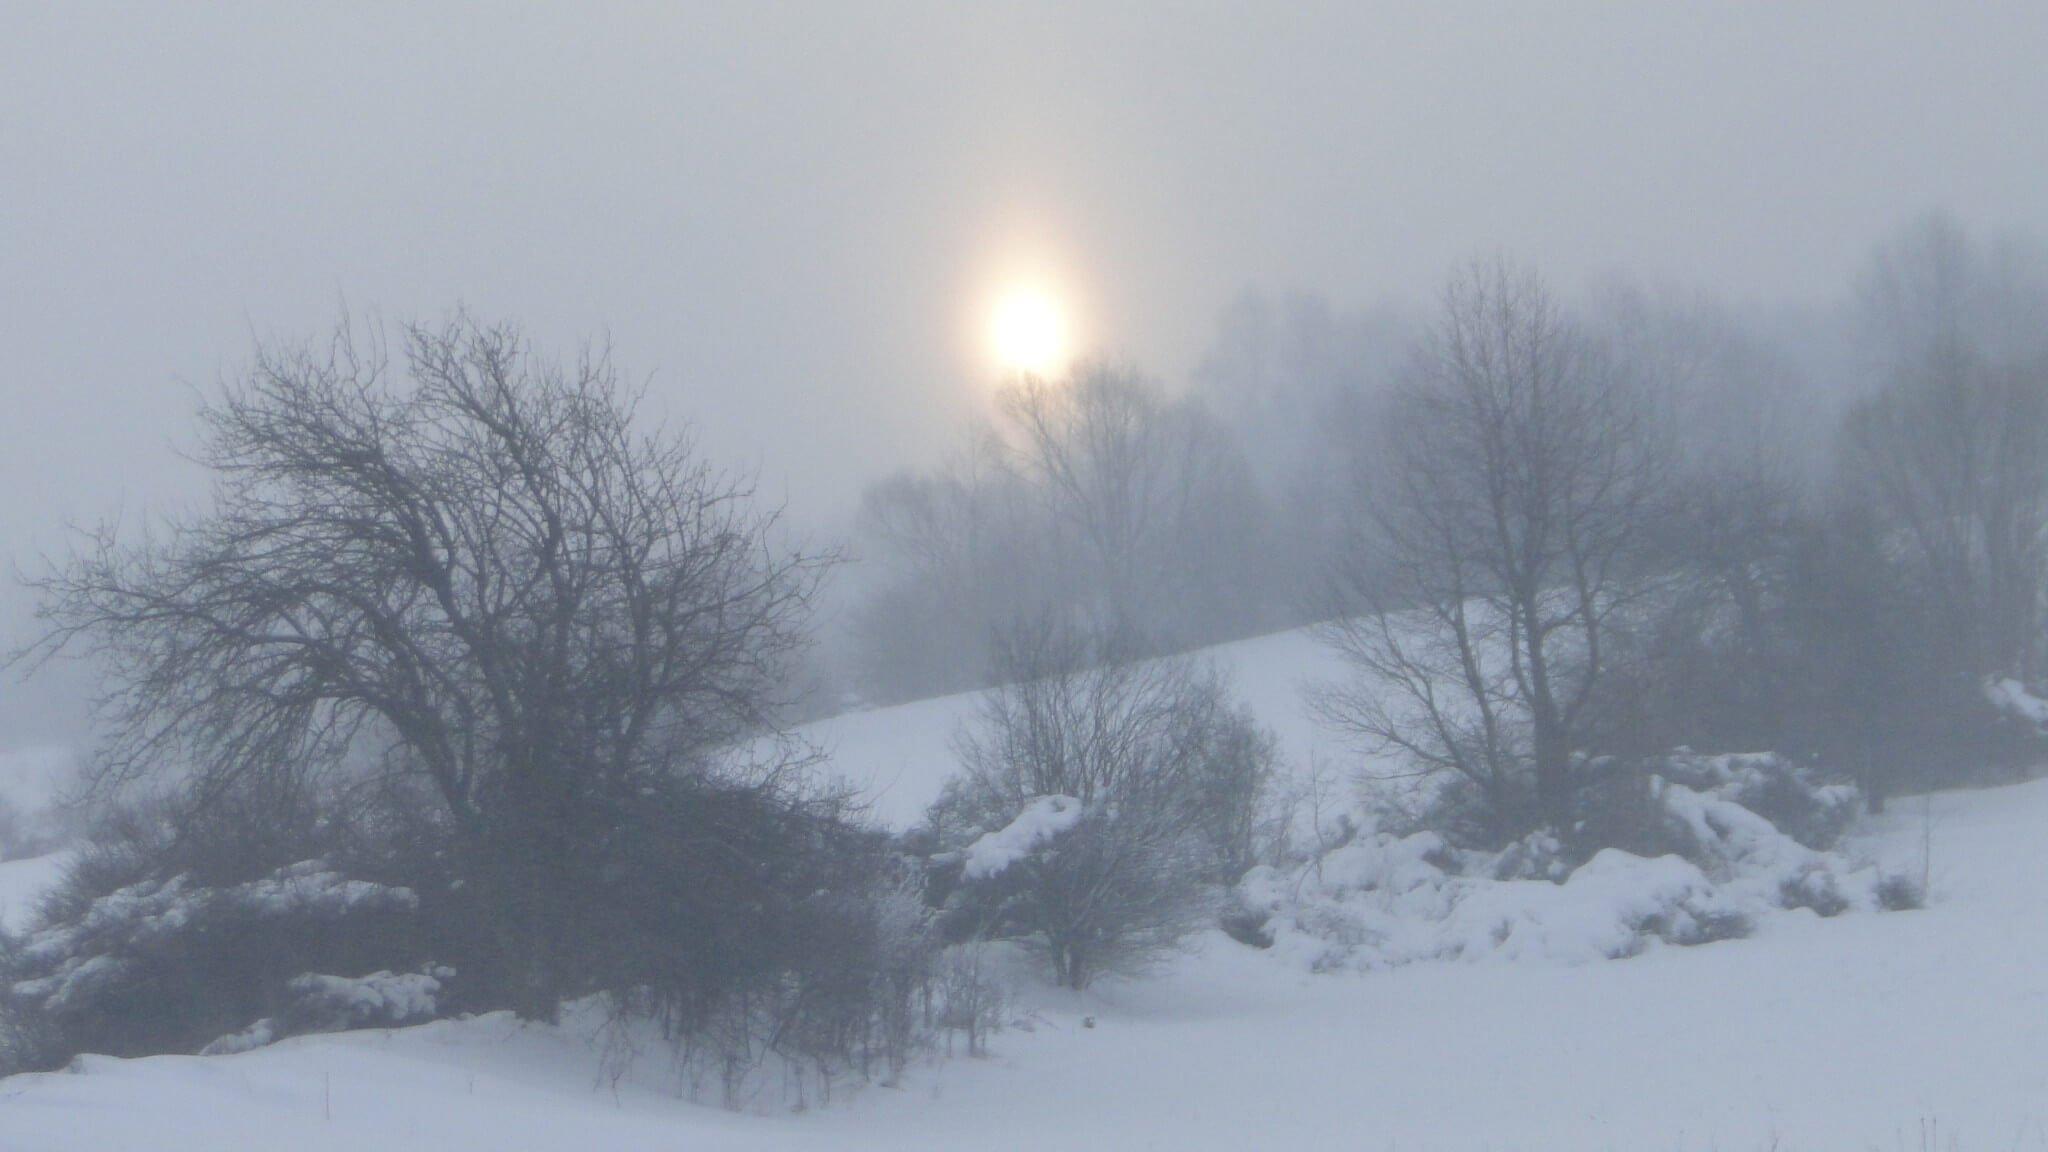 Lutowa zima - śnieżna imroźna 23